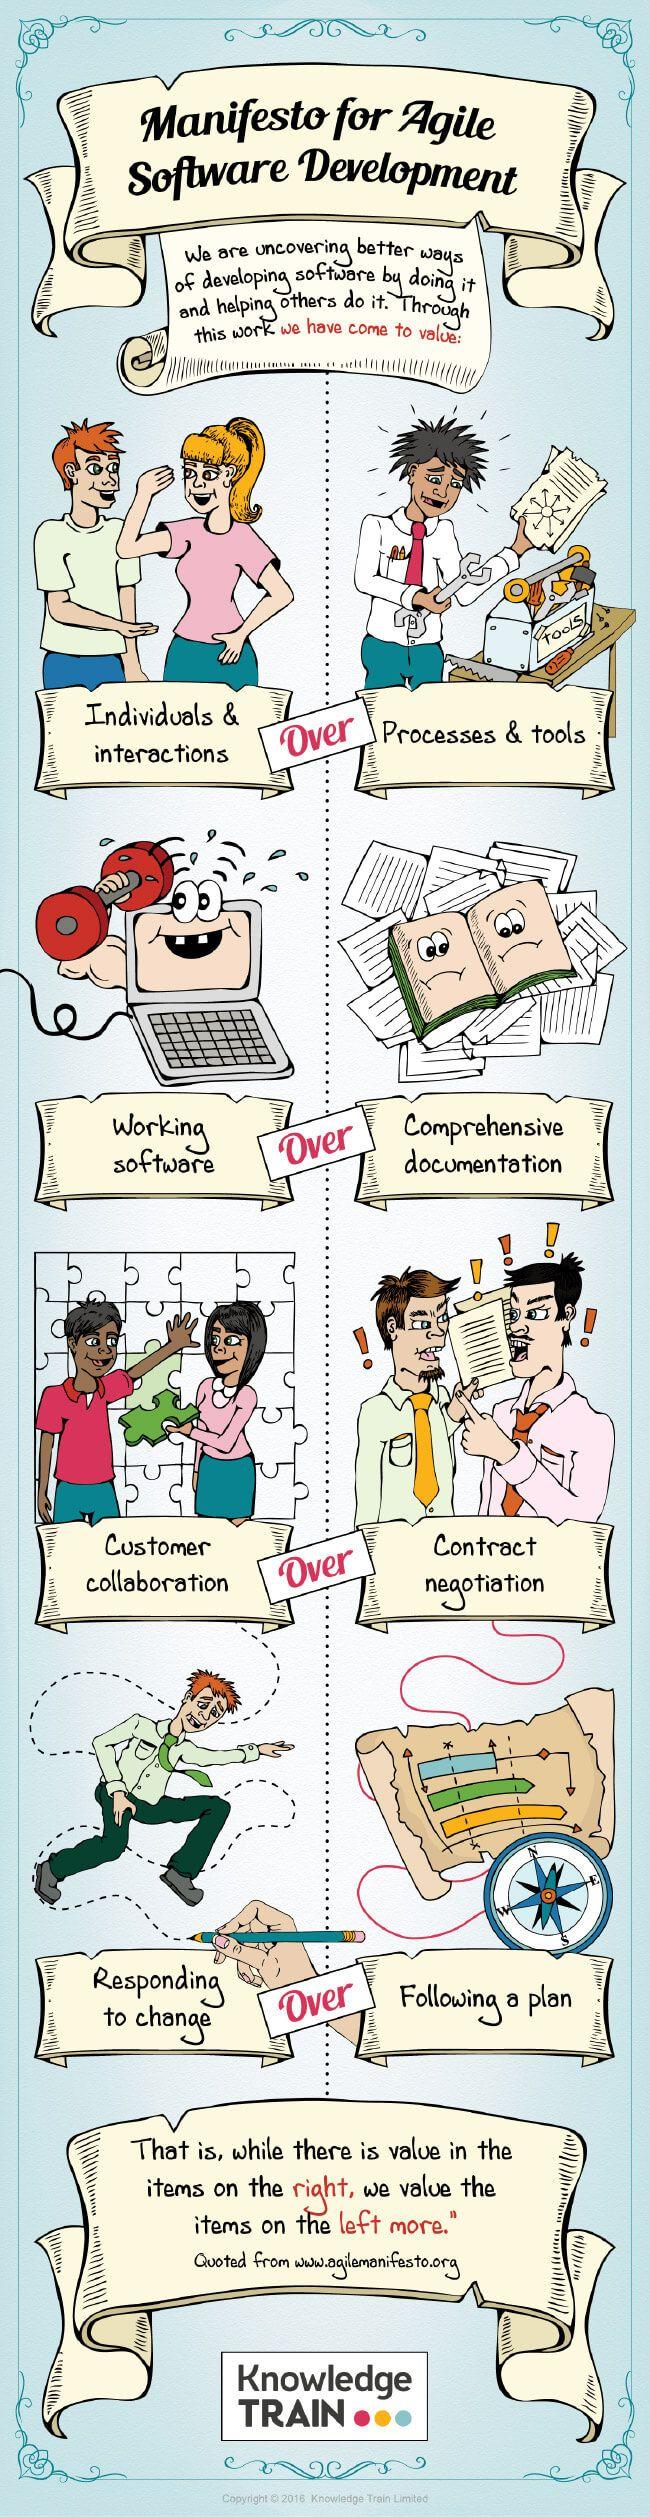 Image titled understanding agile values agile manifesto